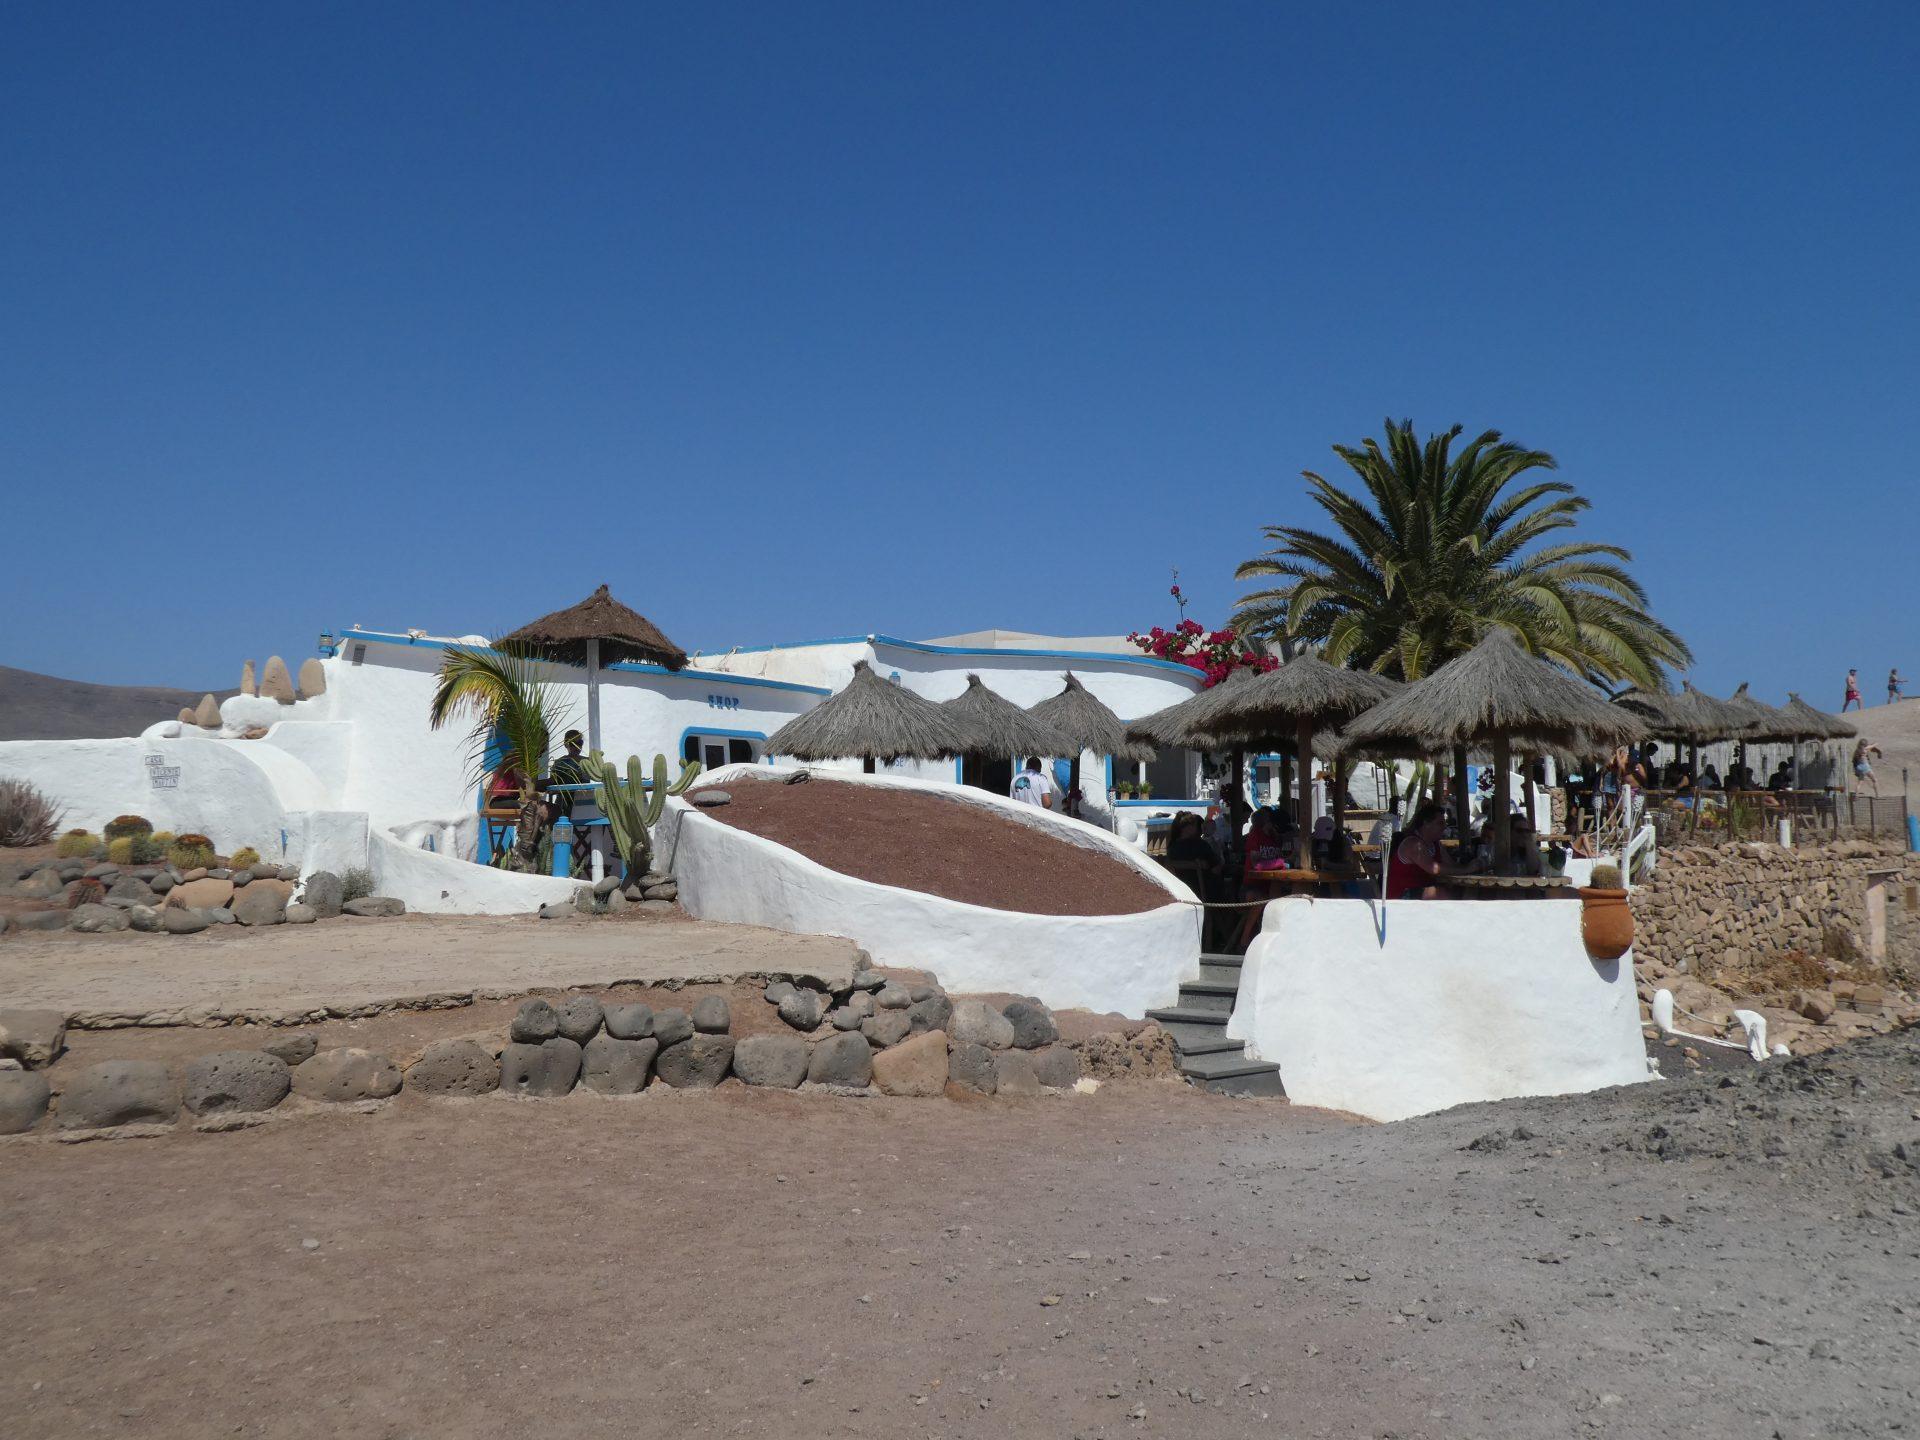 Les plus belles plages de Lanzarote, playa de Papagayo